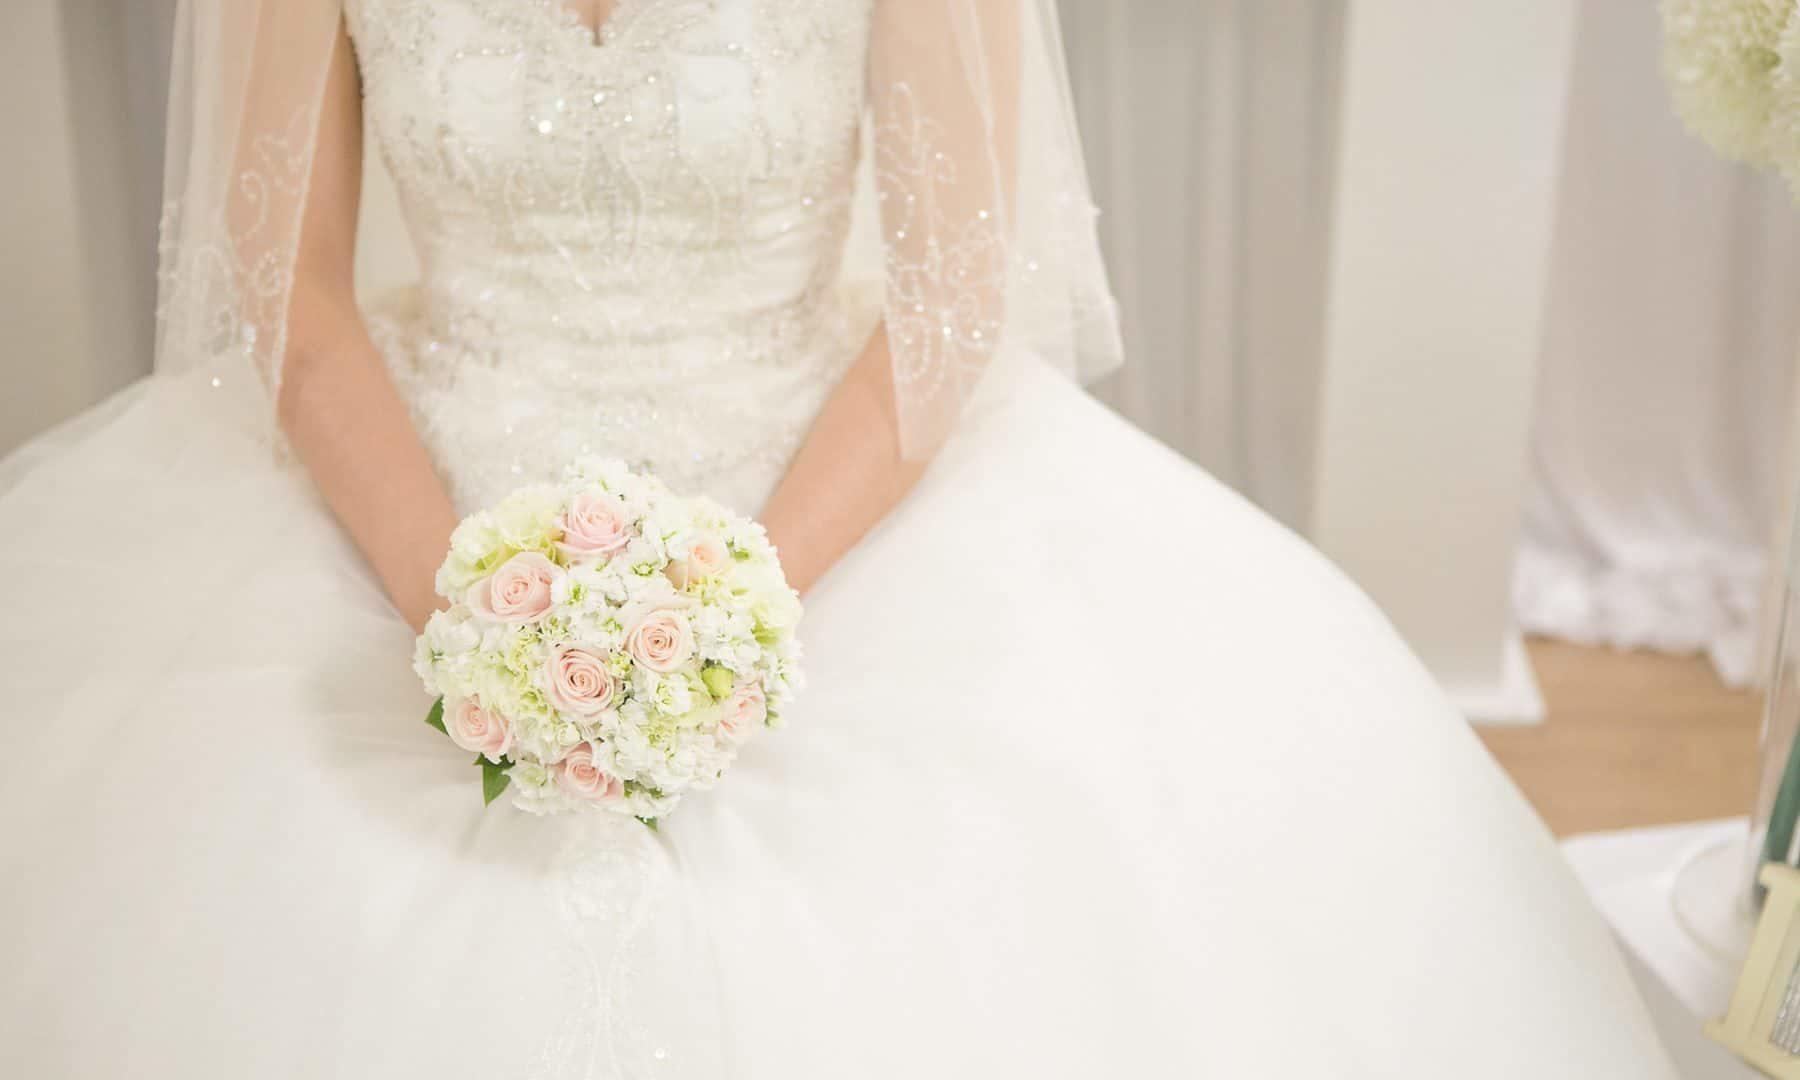 sitzende Braut mit Hochzeitsstrauss auf dem Schoß